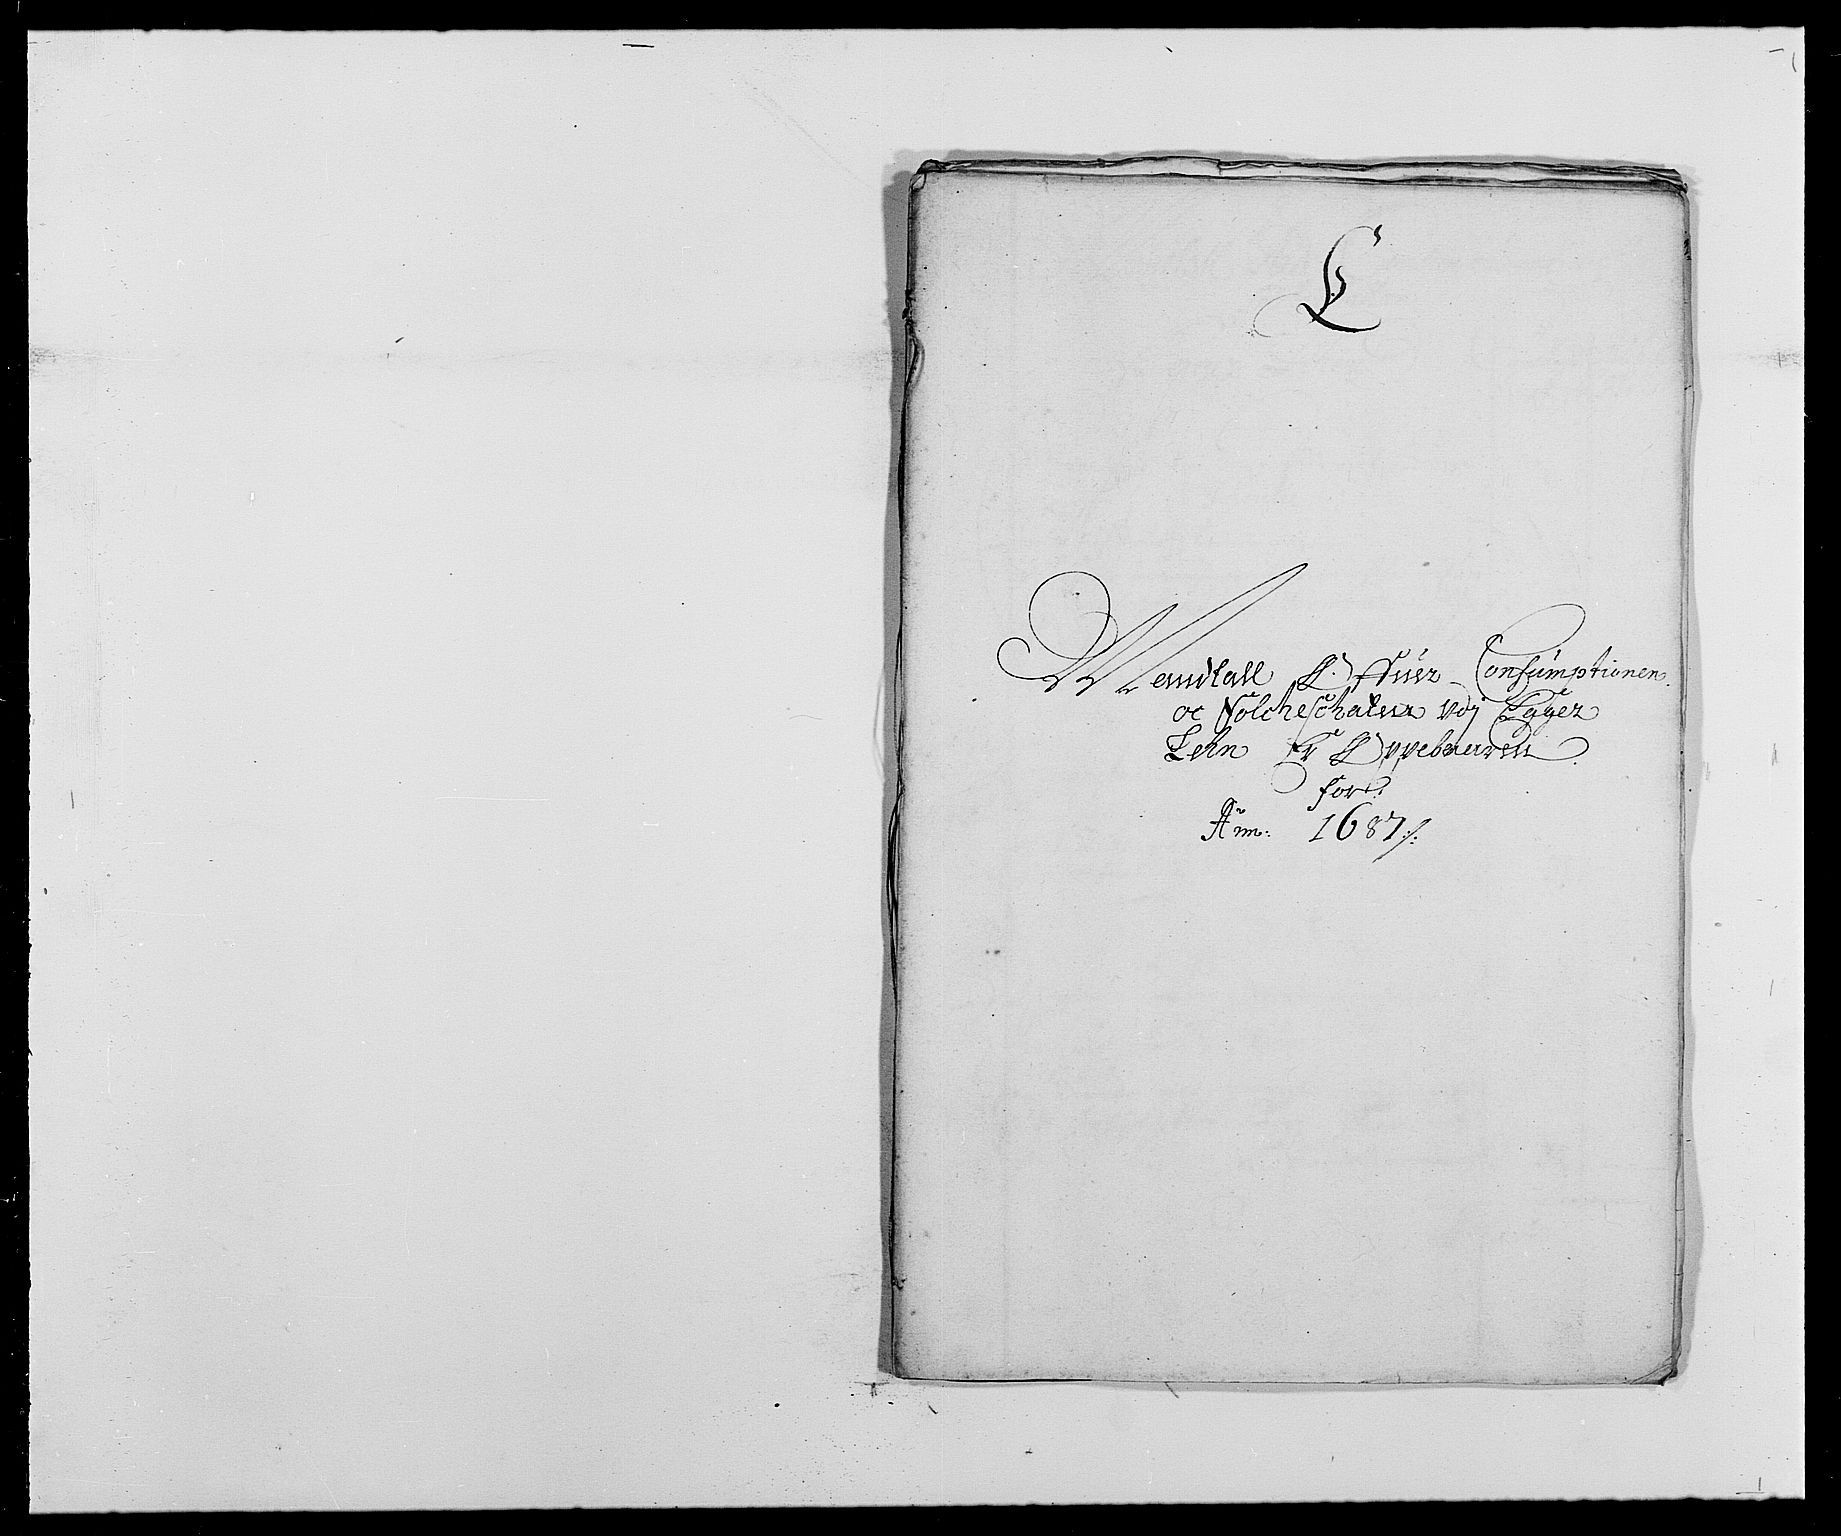 RA, Rentekammeret inntil 1814, Reviderte regnskaper, Fogderegnskap, R28/L1688: Fogderegnskap Eiker og Lier, 1687-1689, s. 127